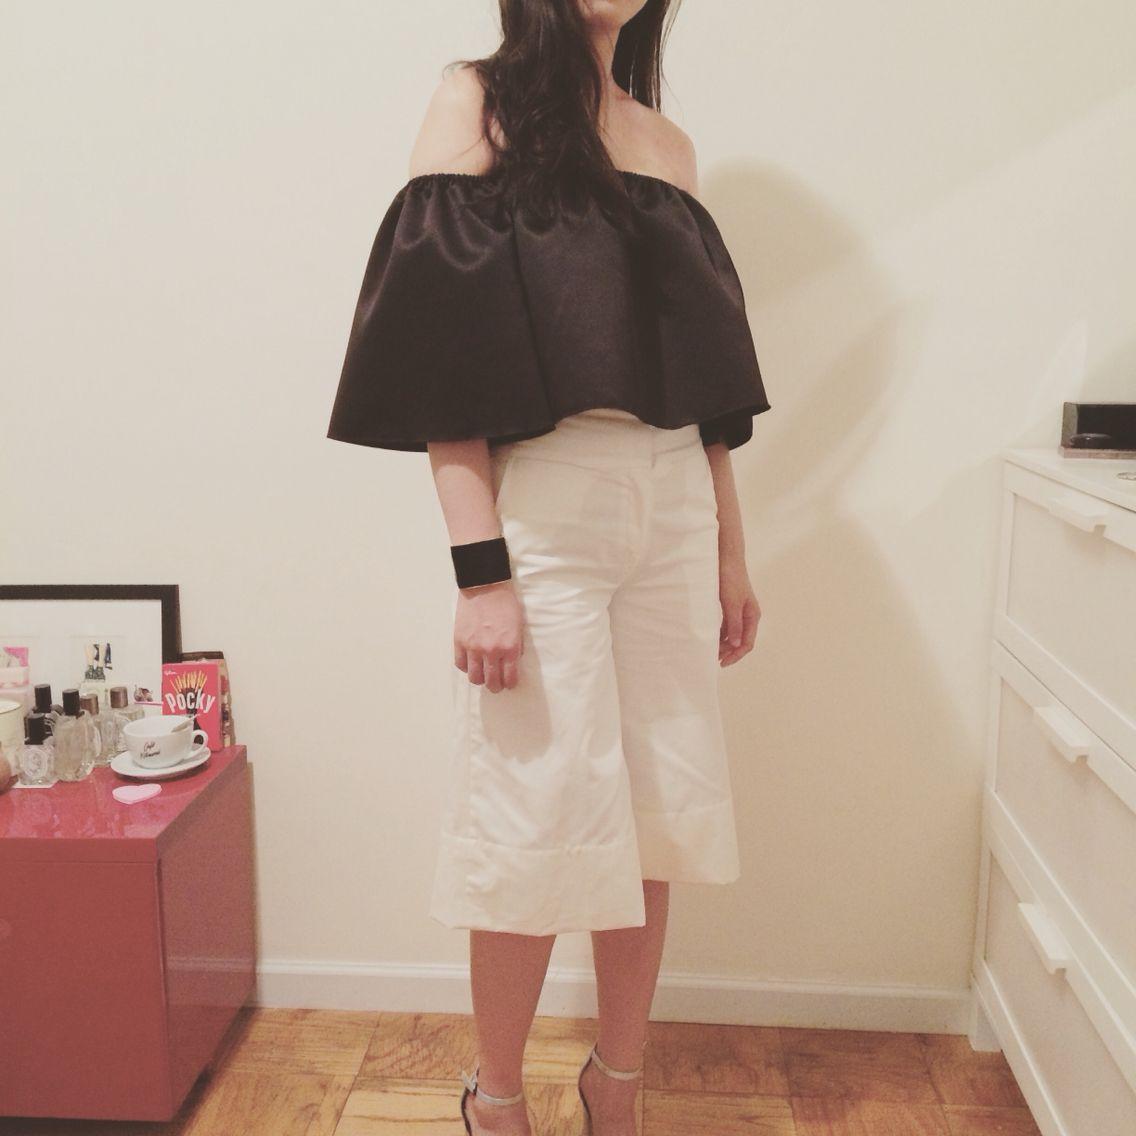 #옷스타그램#데일리룩 #아웃핏 #style #openshoulder #오픈숄더 #nyc #newyorkfashion #clothing #clothingwholesale #wholesaler #nymarket #ootd #culotte #widelegpant #offwhite #navermarket